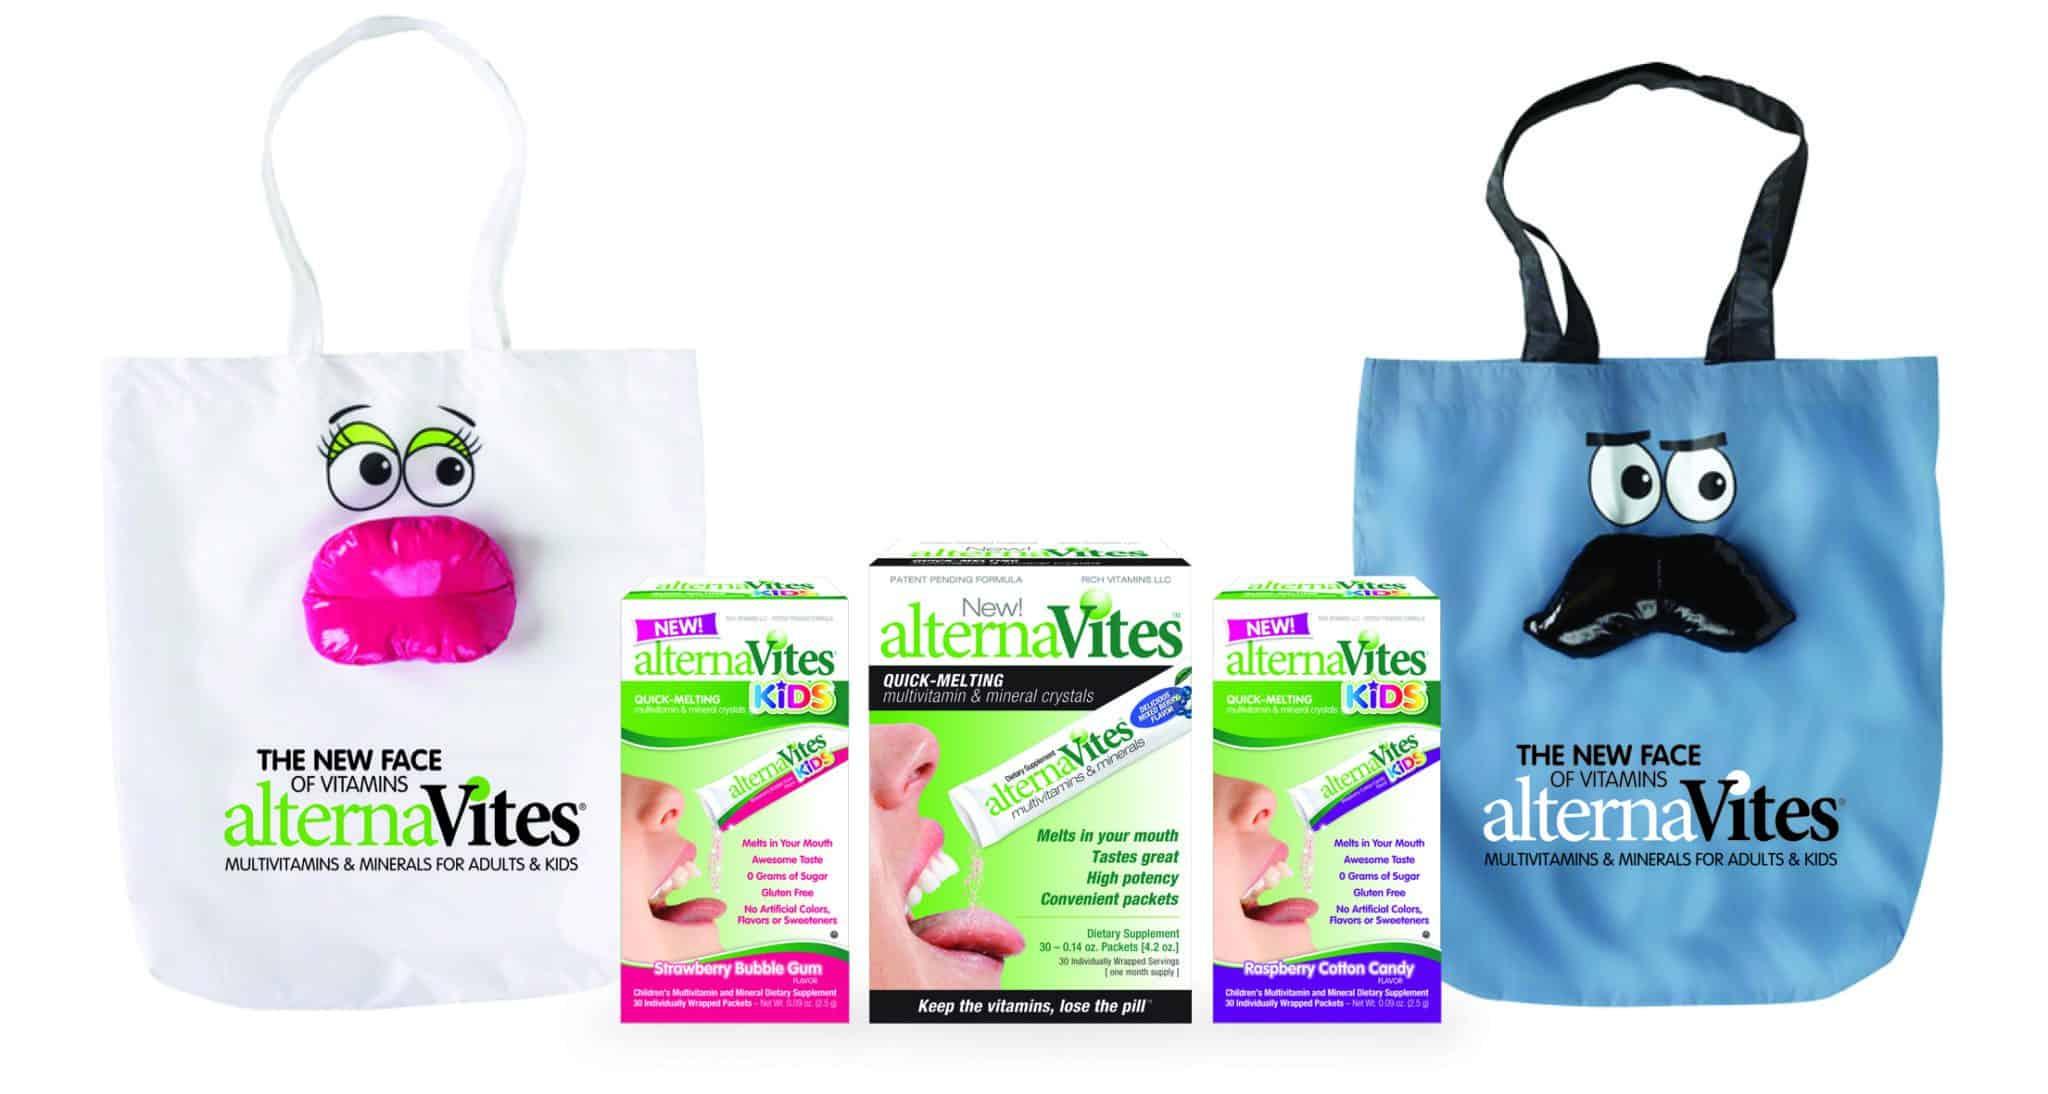 Win alternaVites Product + alternaVites Celeb Goody Bag ...